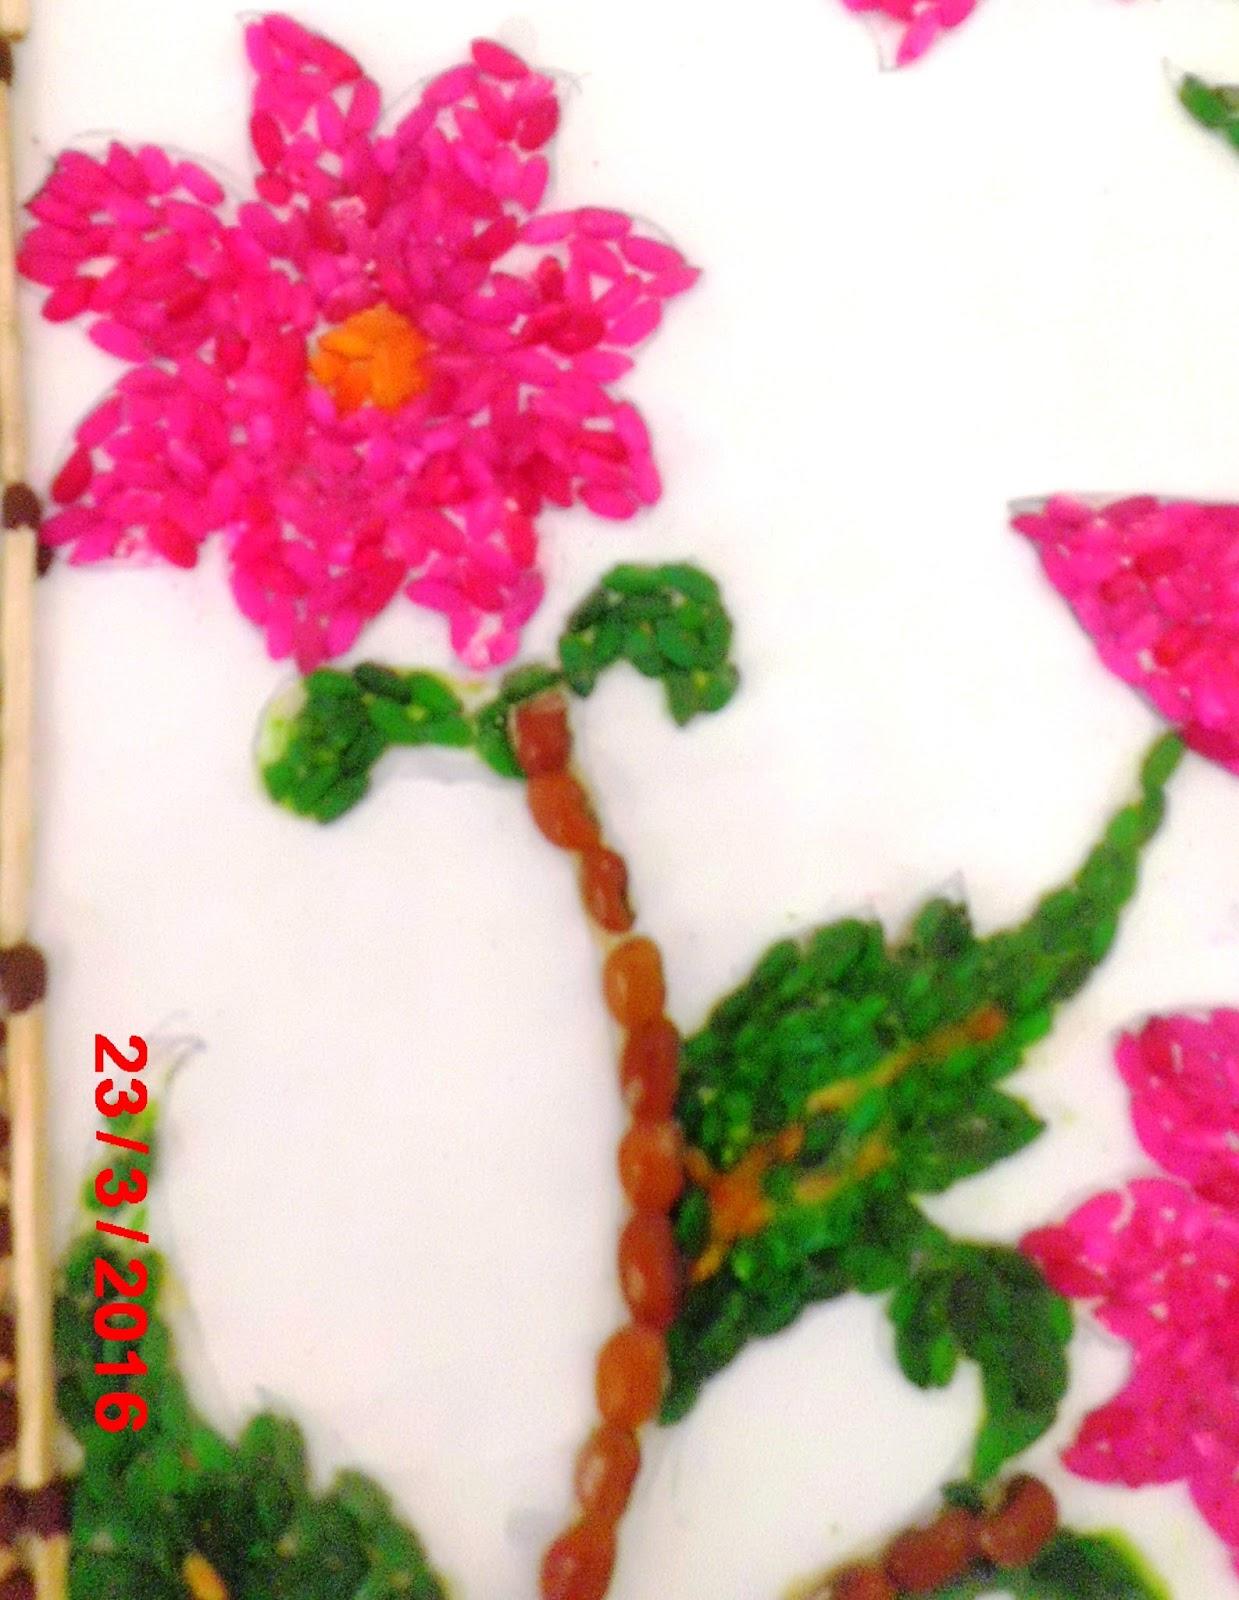 Seni Tempel Kertas : tempel, kertas, Wayan, Suyasa:, Gambar, Tempel, Namanya, Kolase